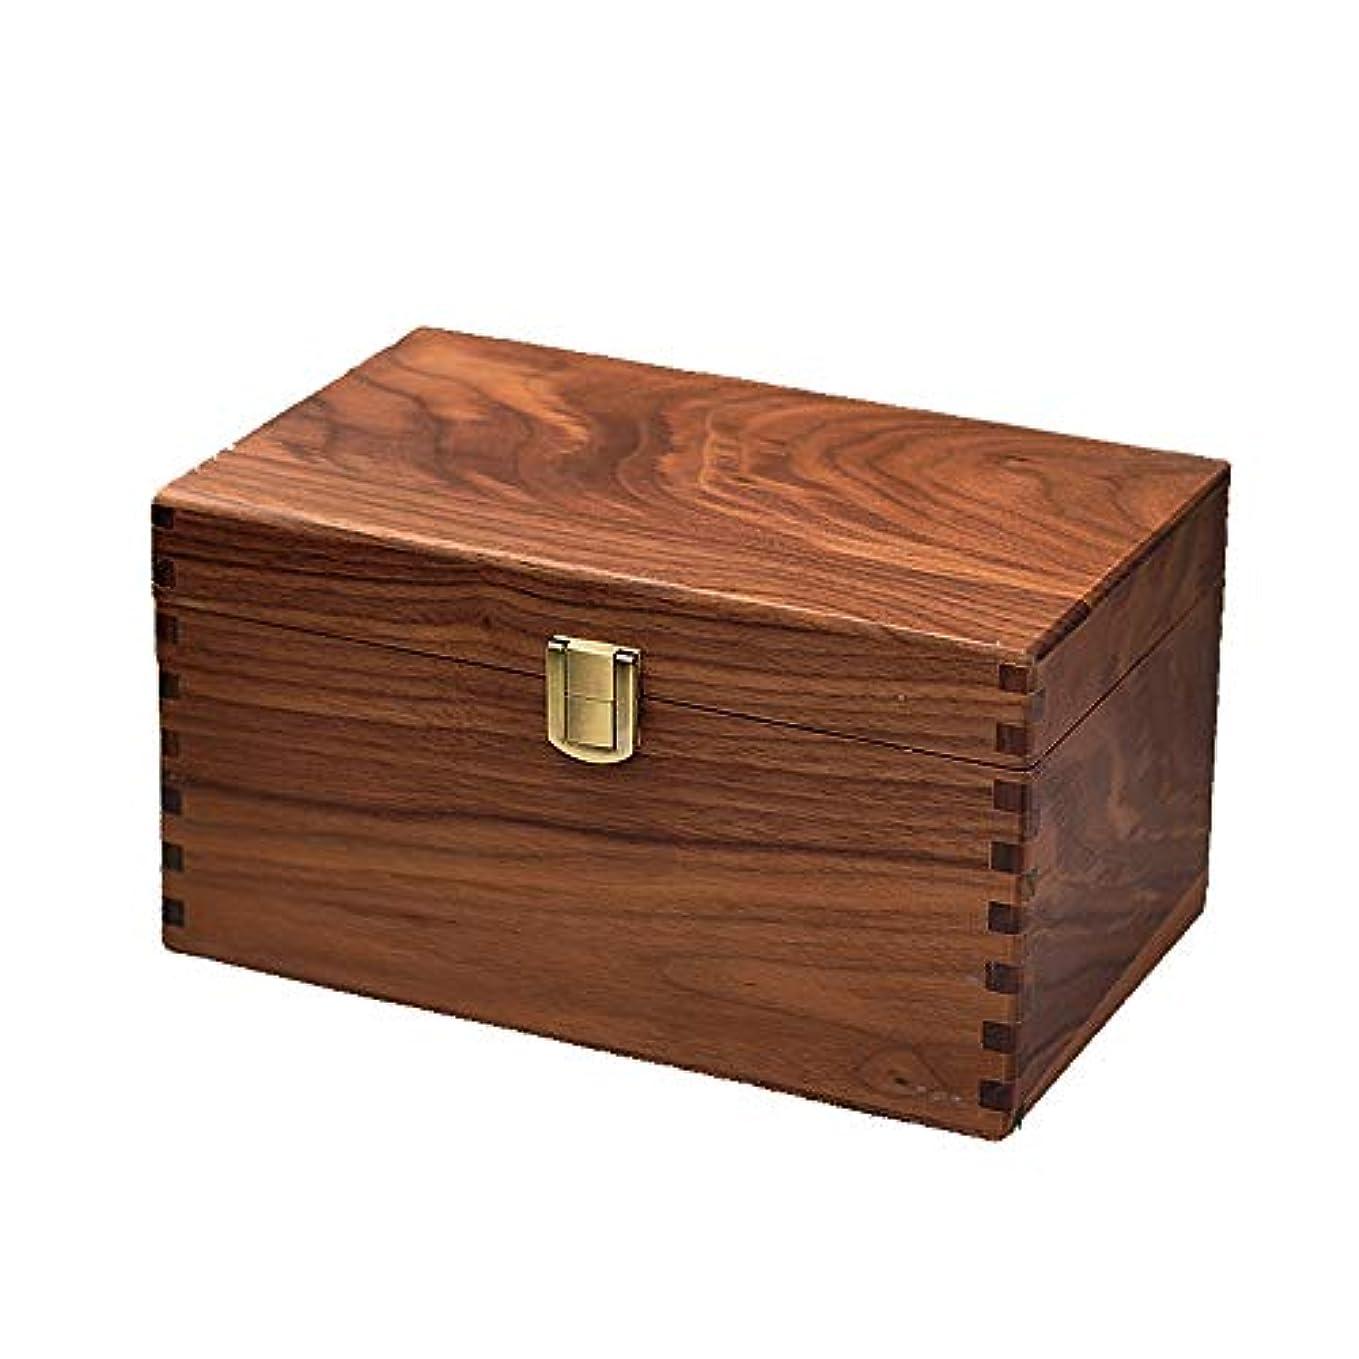 ストライプ目の前の仲人エッセンシャルオイルの保管 手作りの装飾的な木のエッセンシャルオイルボックスオーガナイザージュエリーボックスパーフェクトエッセンシャルオイルケース (色 : Natural, サイズ : 24.5X15.5X13CM)